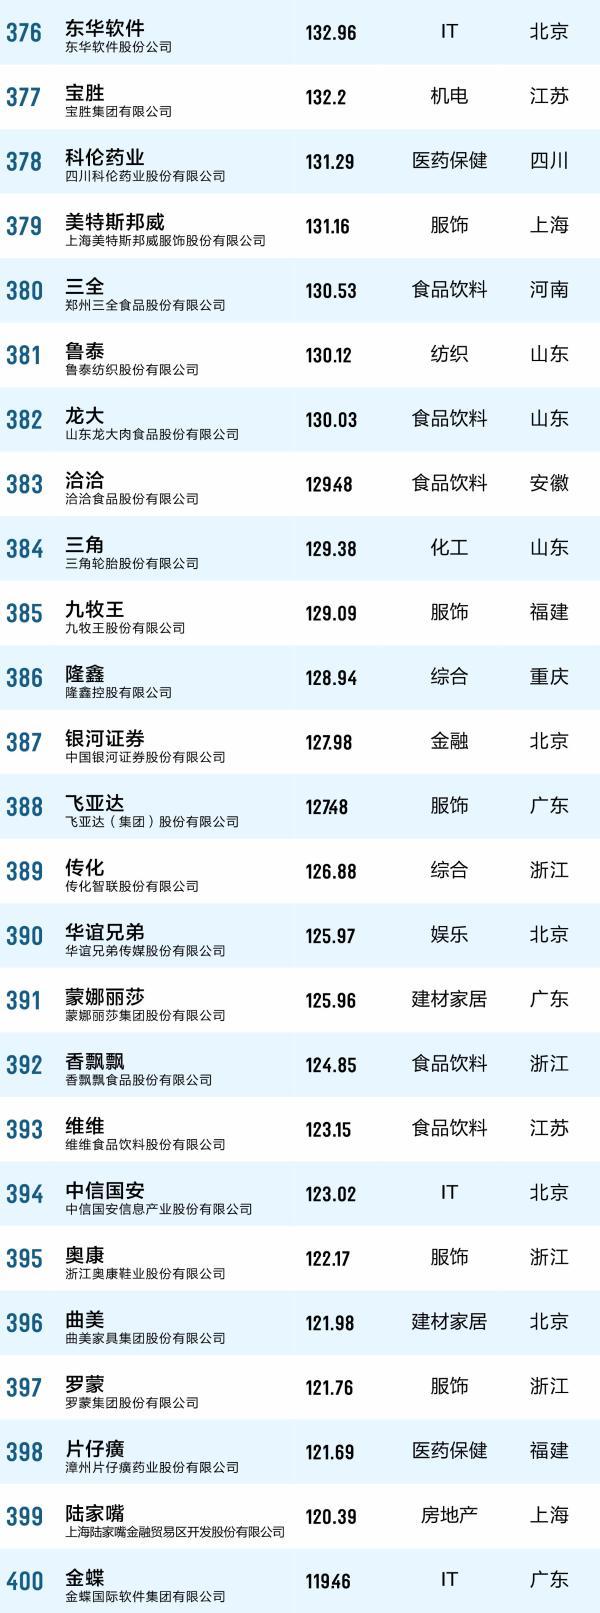 第十二届中国品牌价值500强榜单揭晓